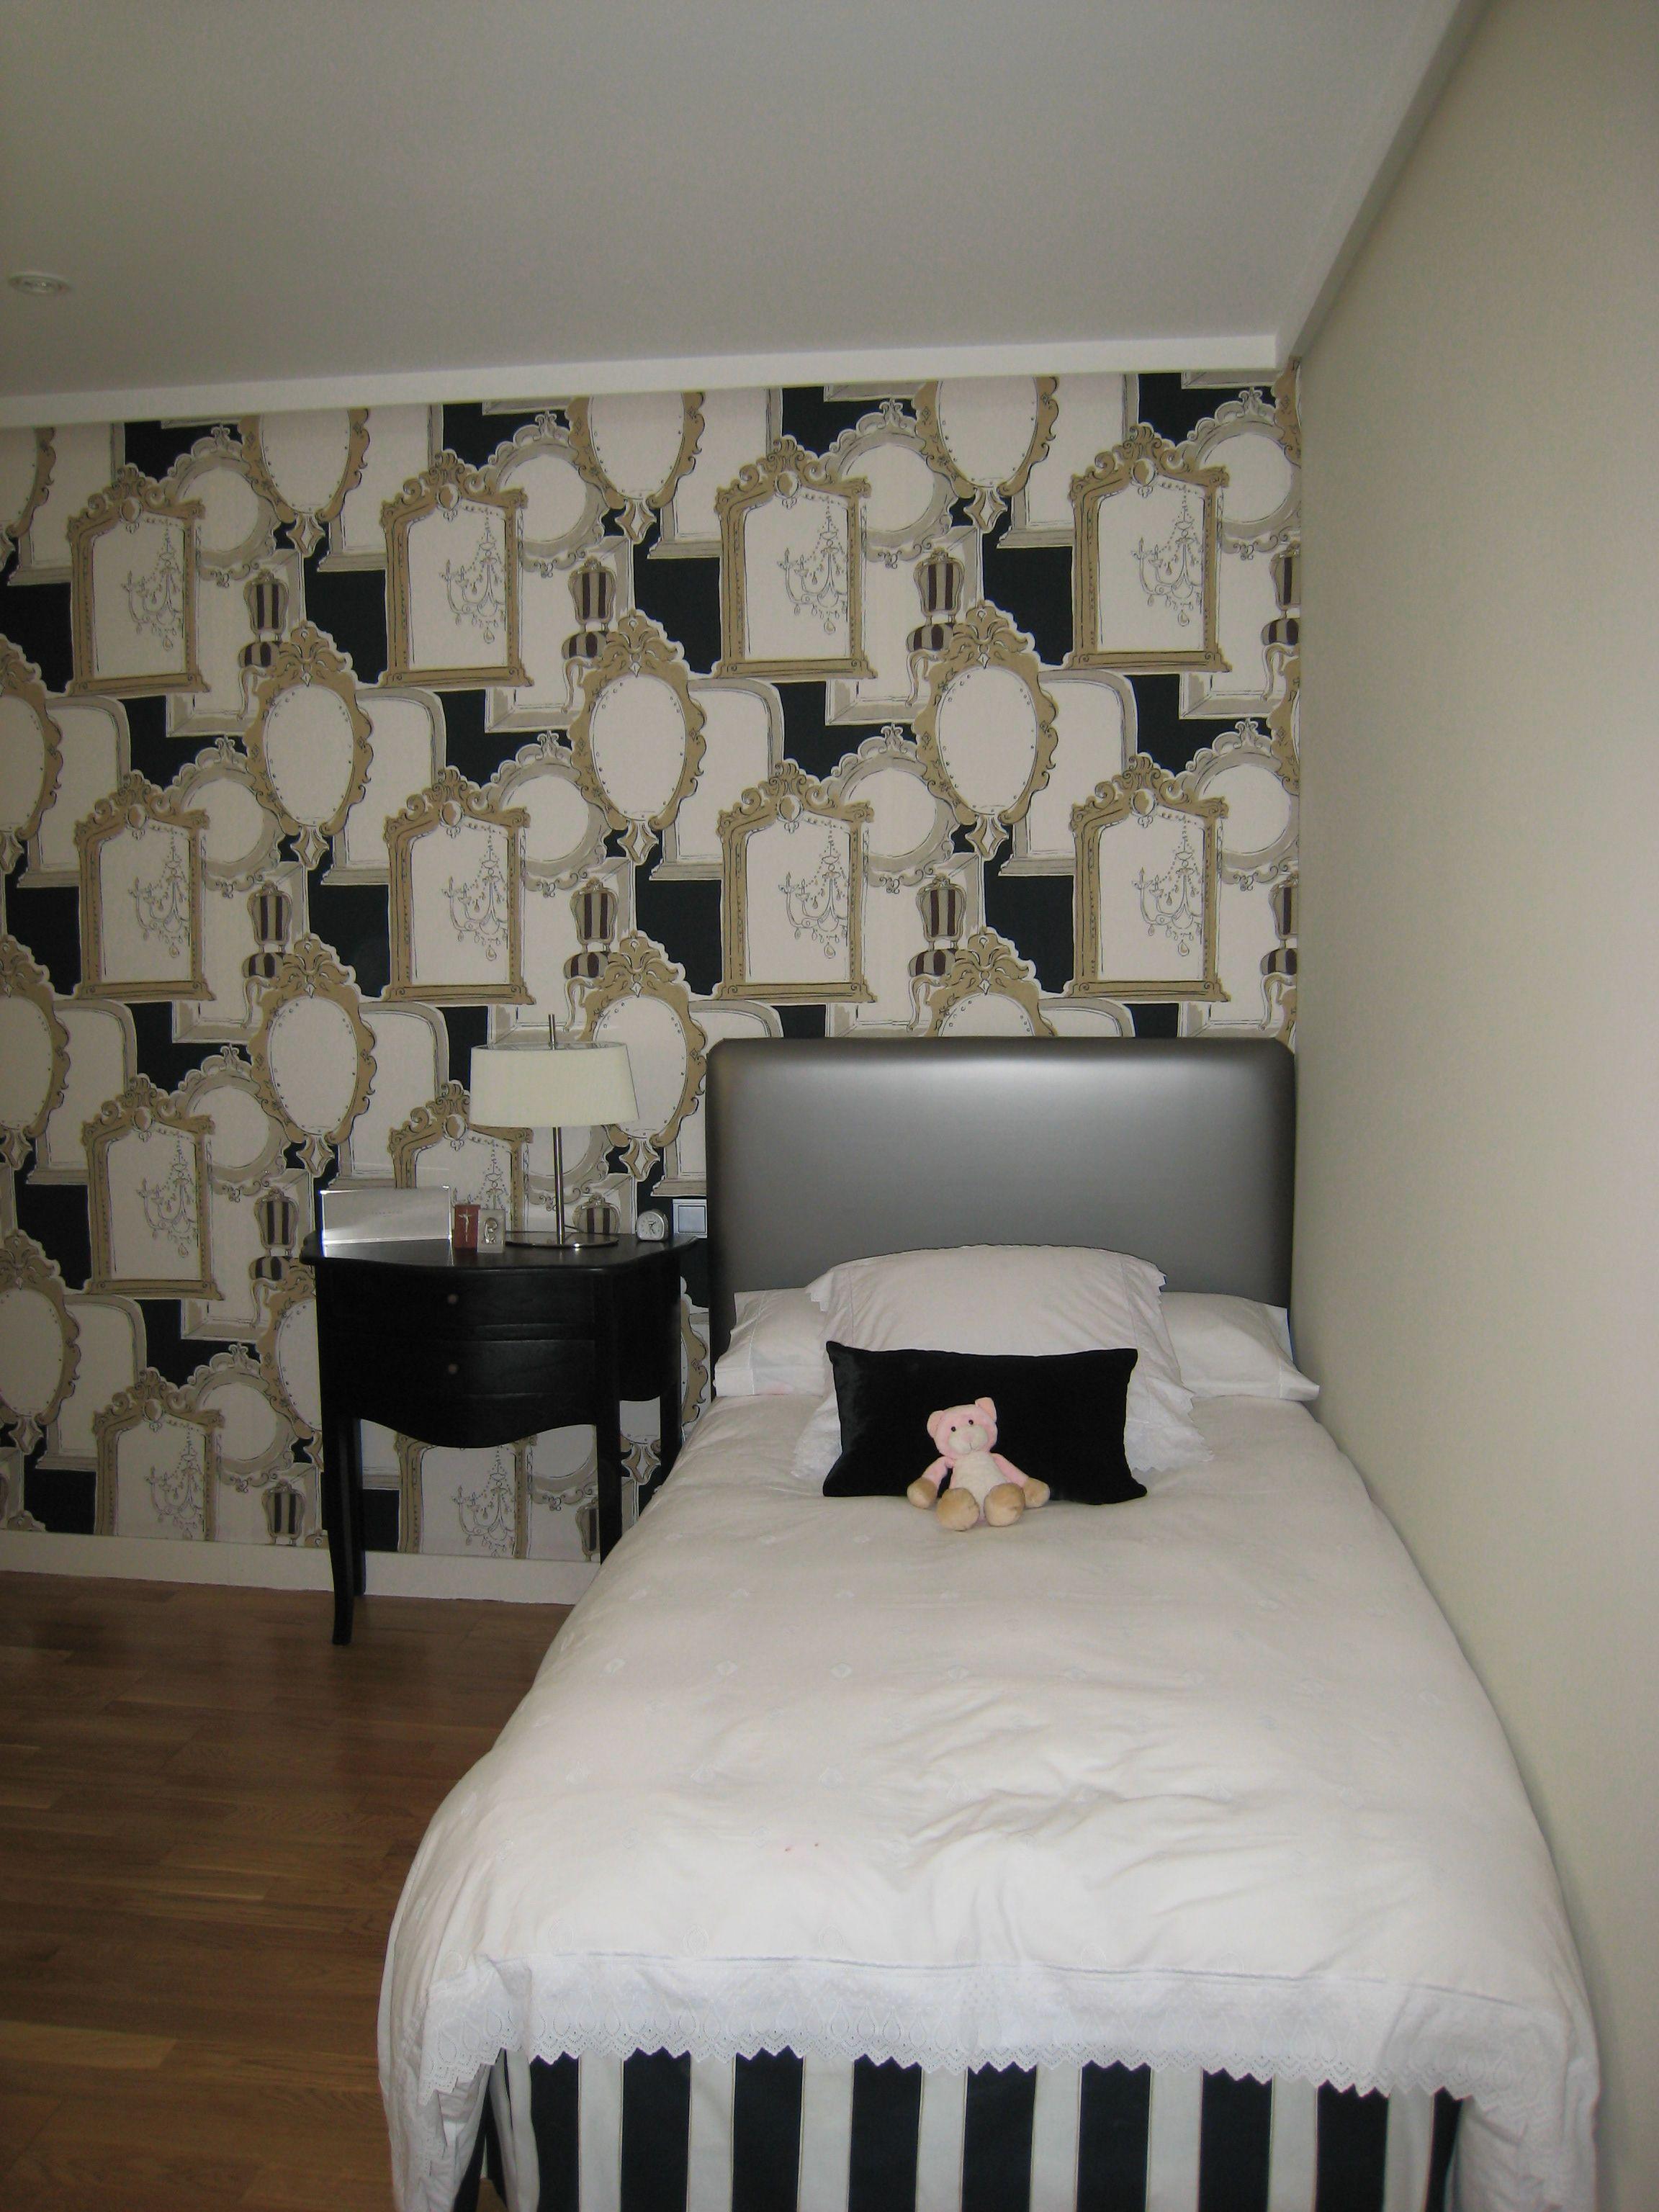 Dormitorios De Nia En Blanco Beautiful With Dormitorio Bebe Nia  ~ Papel Pintado Para Dormitorio Juvenil